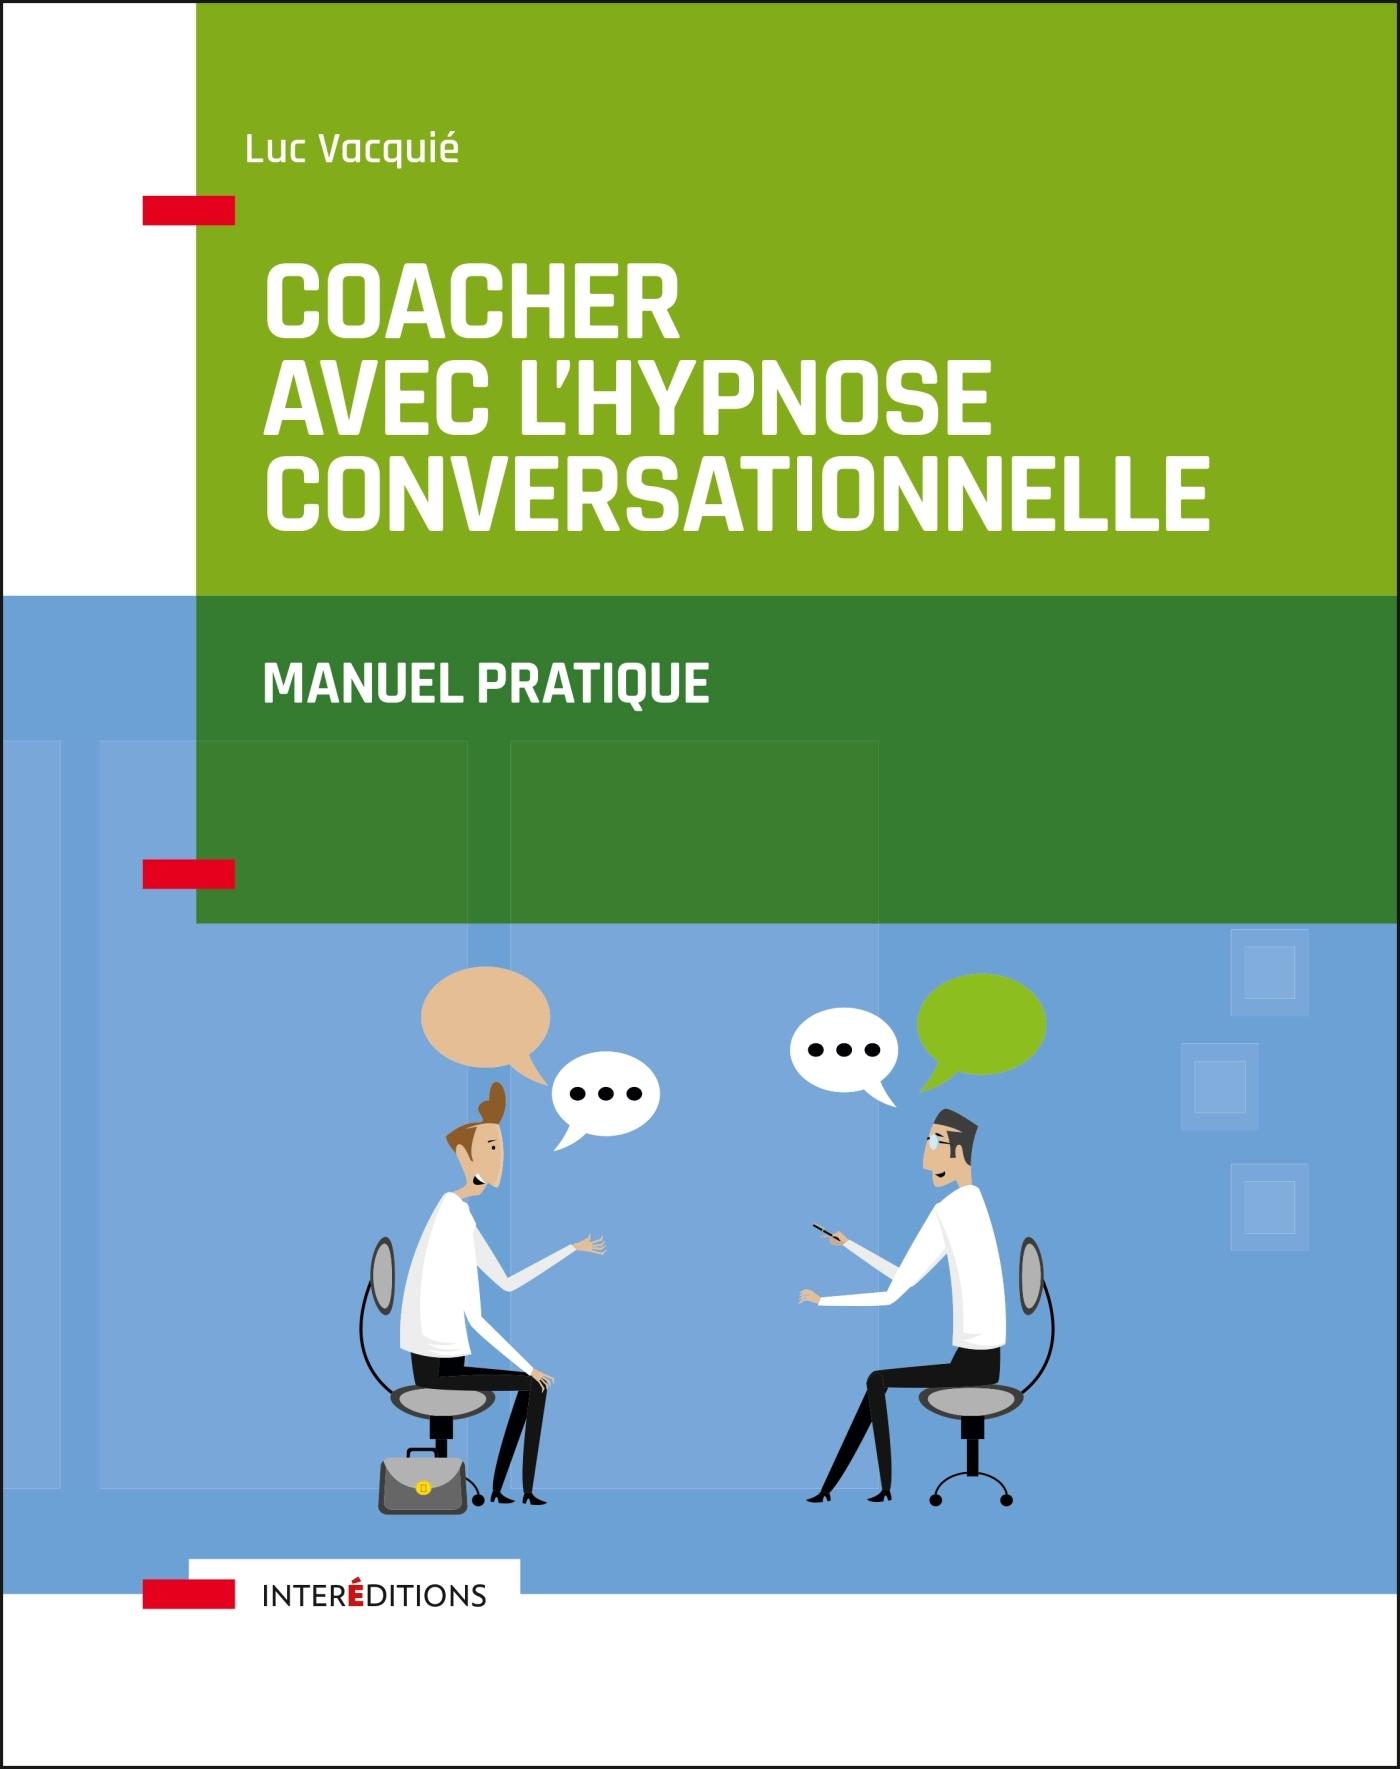 COACHER AVEC L'HYPNOSE CONVERSATIONNELLE